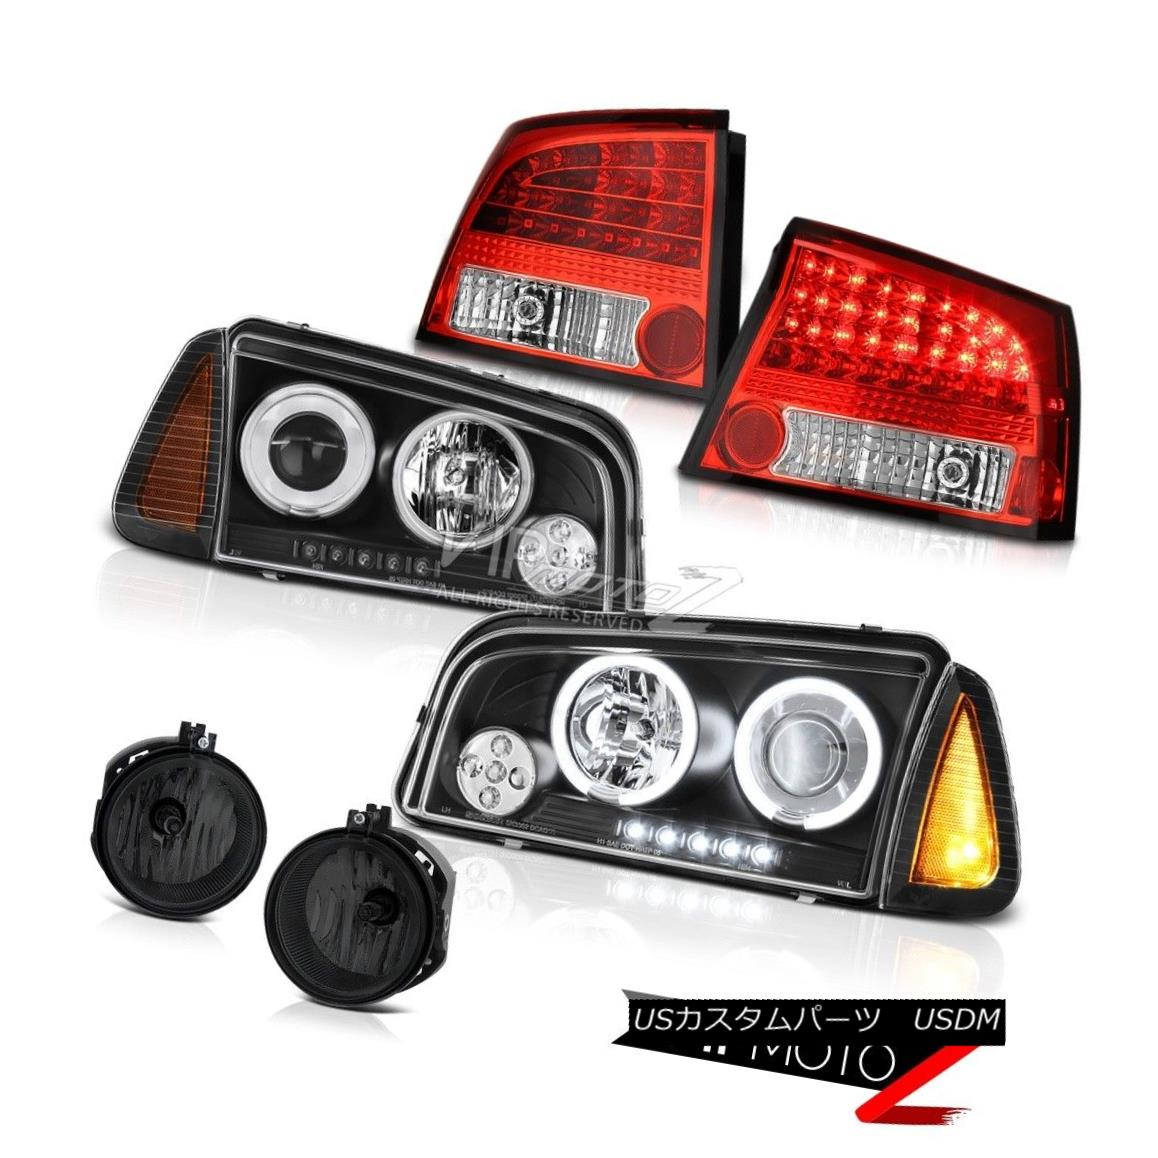 ヘッドライト 2006-2008 Dodge Charger SE Foglamps wine red tail lamps corner lamp headlights 2006-2008ダッジチャージャーSEフォグランプワインレッドテールランプコーナーランプヘッドライト